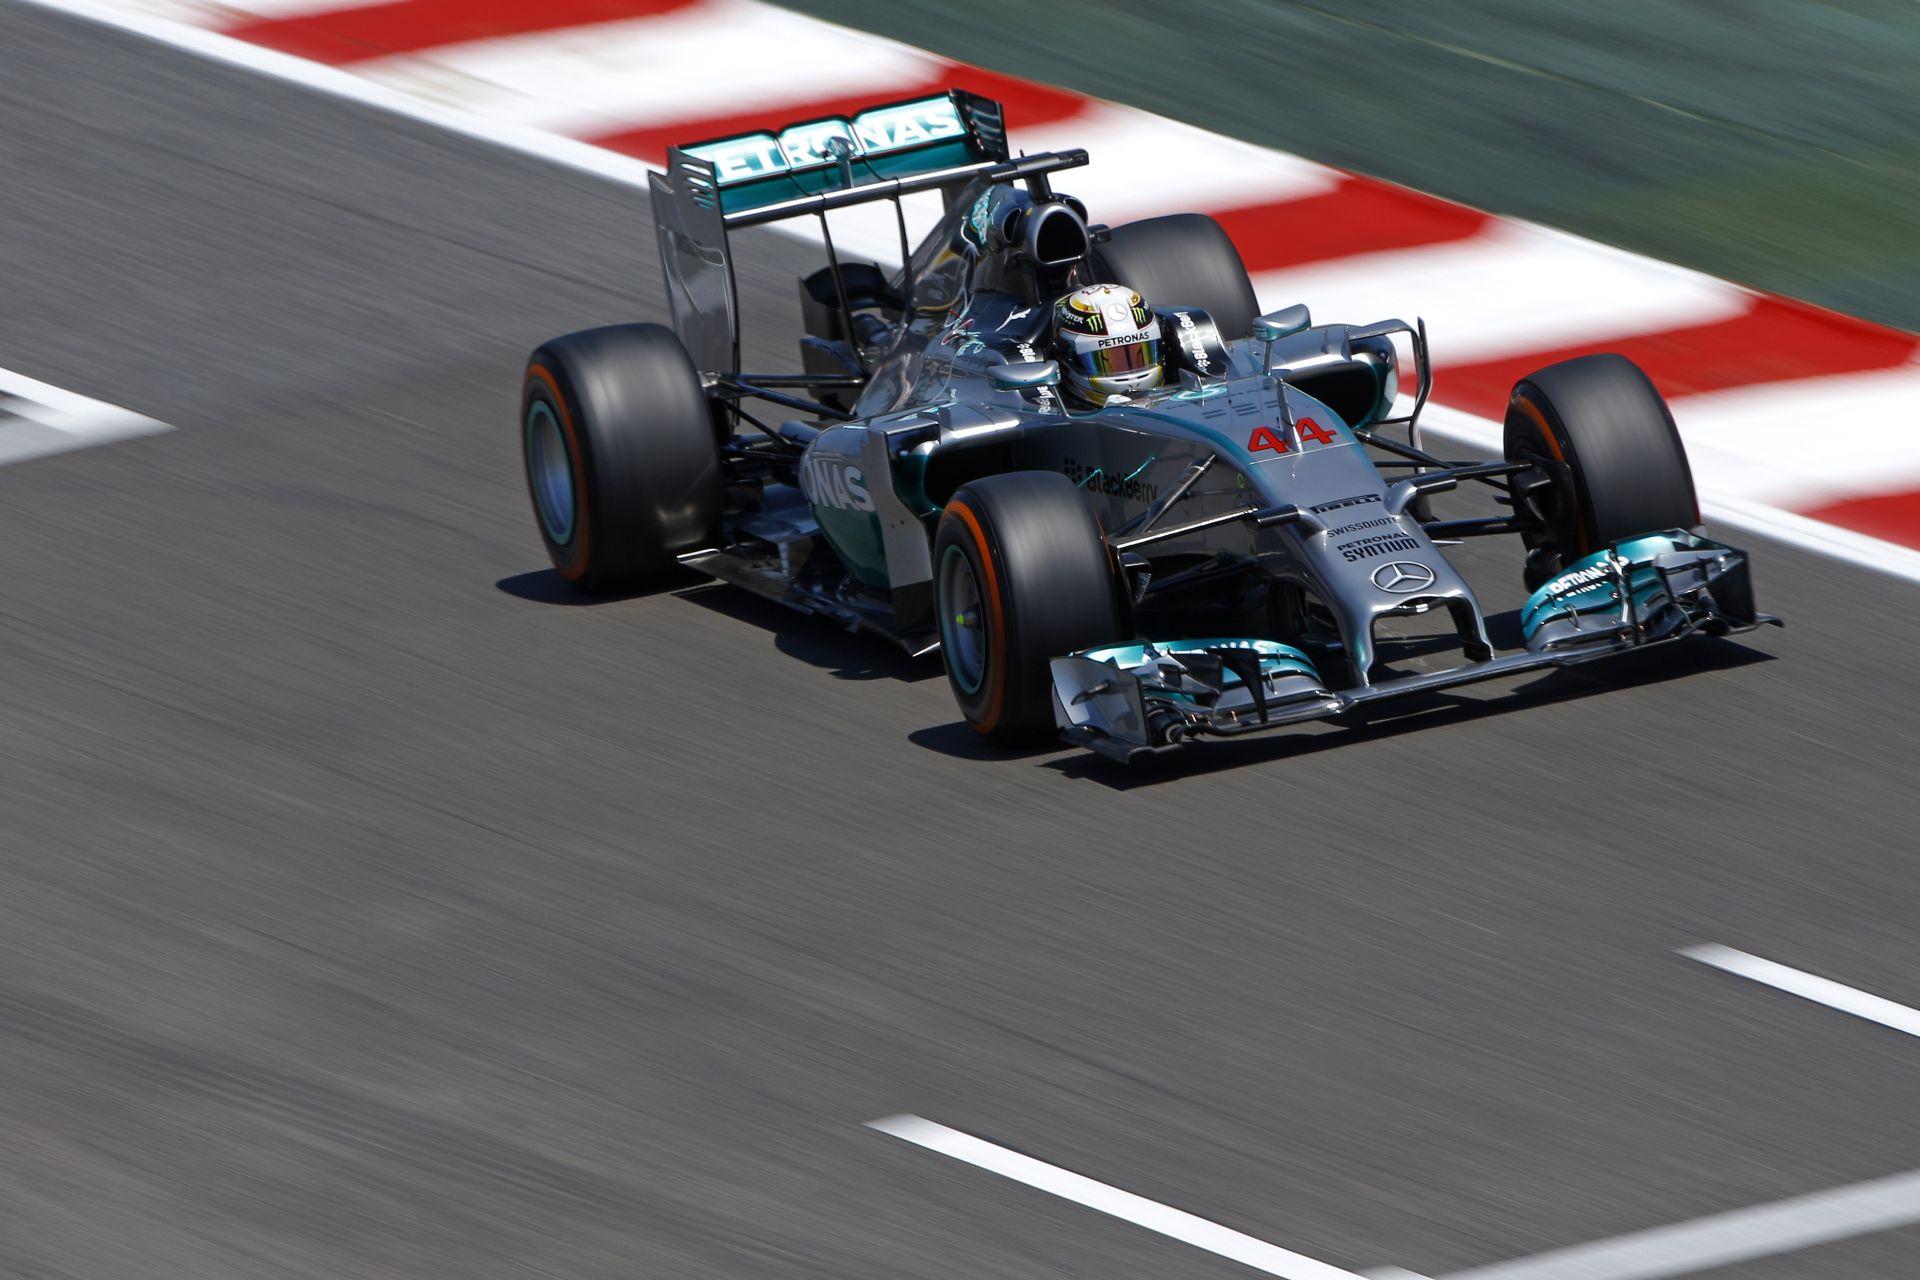 A Mercedes pontosan tudja, hogy egy nagyon gyors autója van